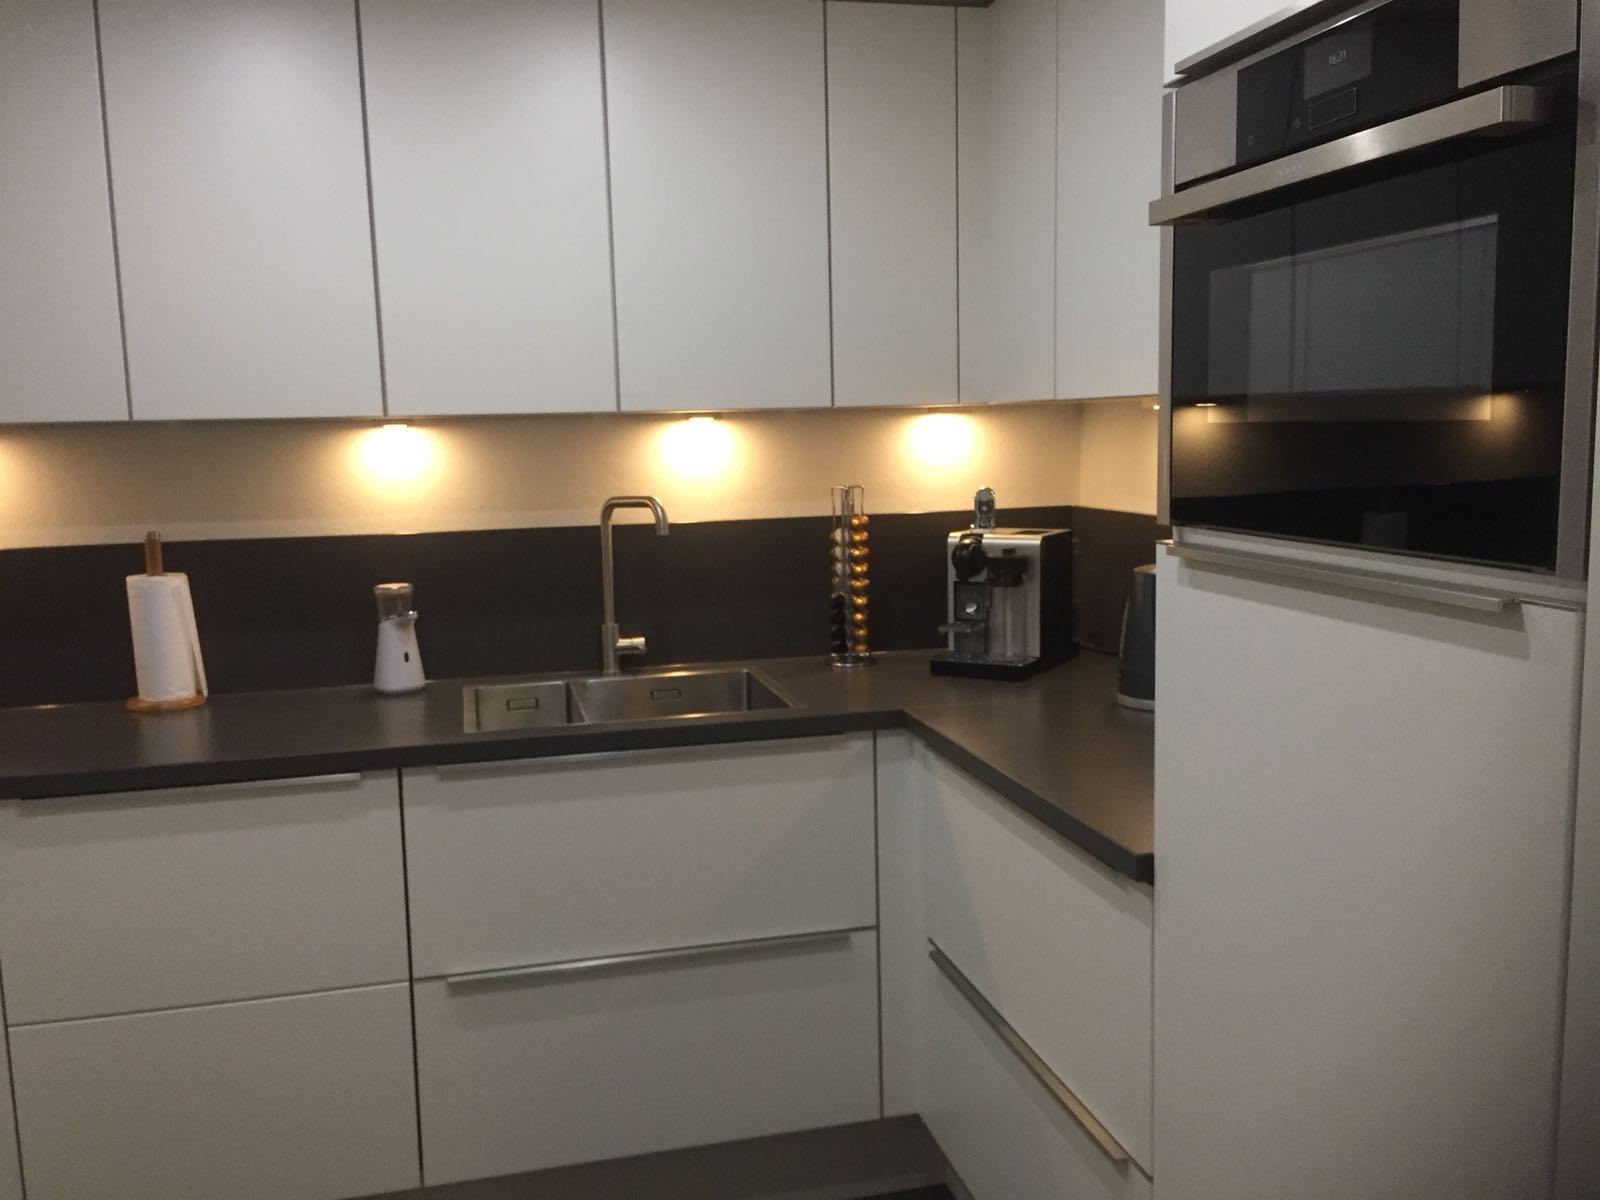 Einde Witte Keuken : Reviews u2013 keukenmatch